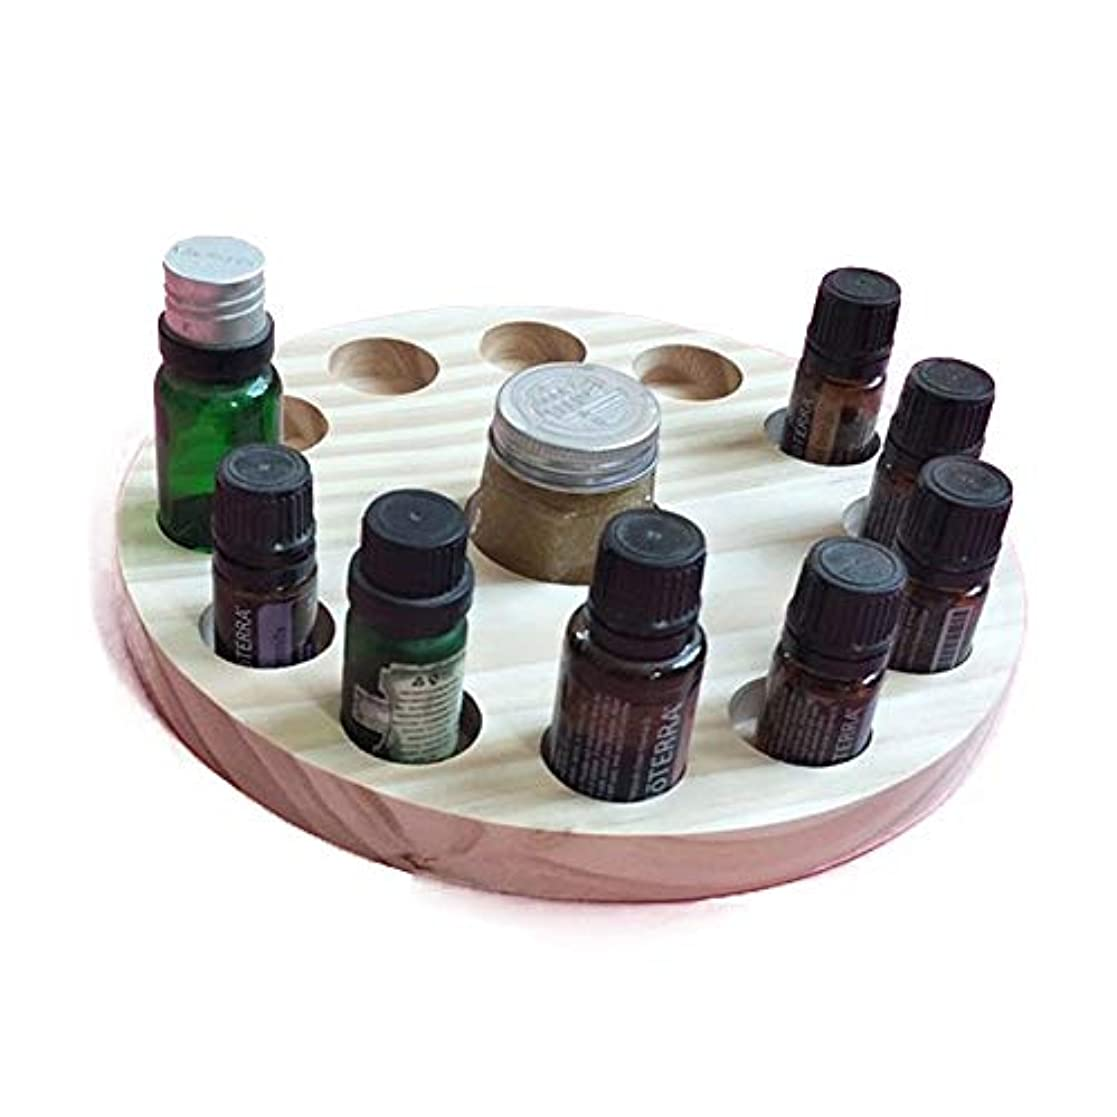 ドライバ年次バレーボールエッセンシャルオイルの保管 13スロット木製エッセンシャルオイルストレージホルダーは12の10mlの油のボトルを保持します (色 : Natural, サイズ : Free size)